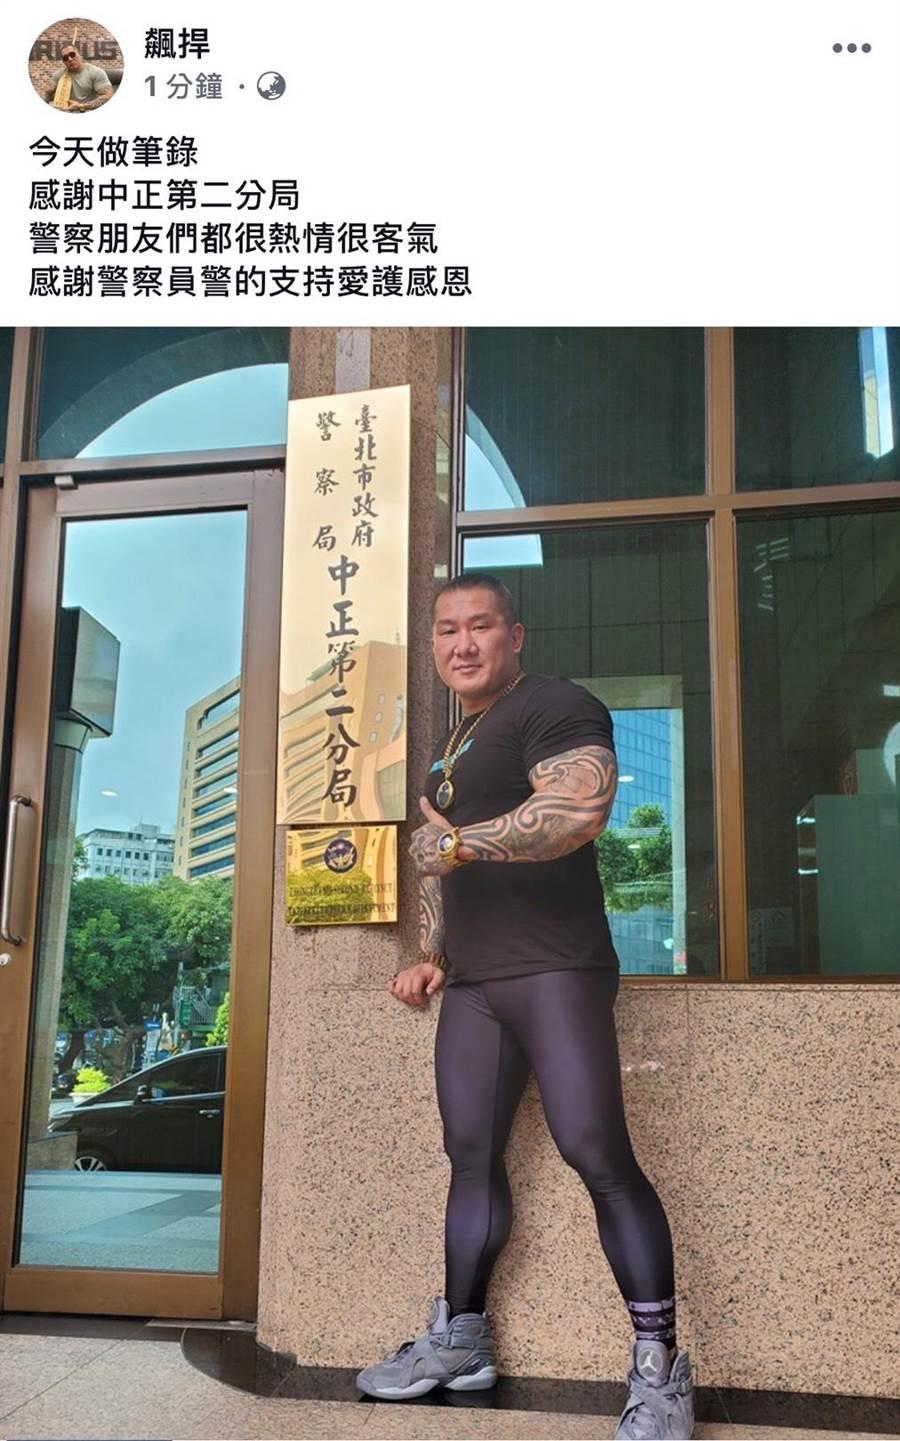 館長陳之漢9日因妨害名譽罪前往警局。(翻攝館長臉書)